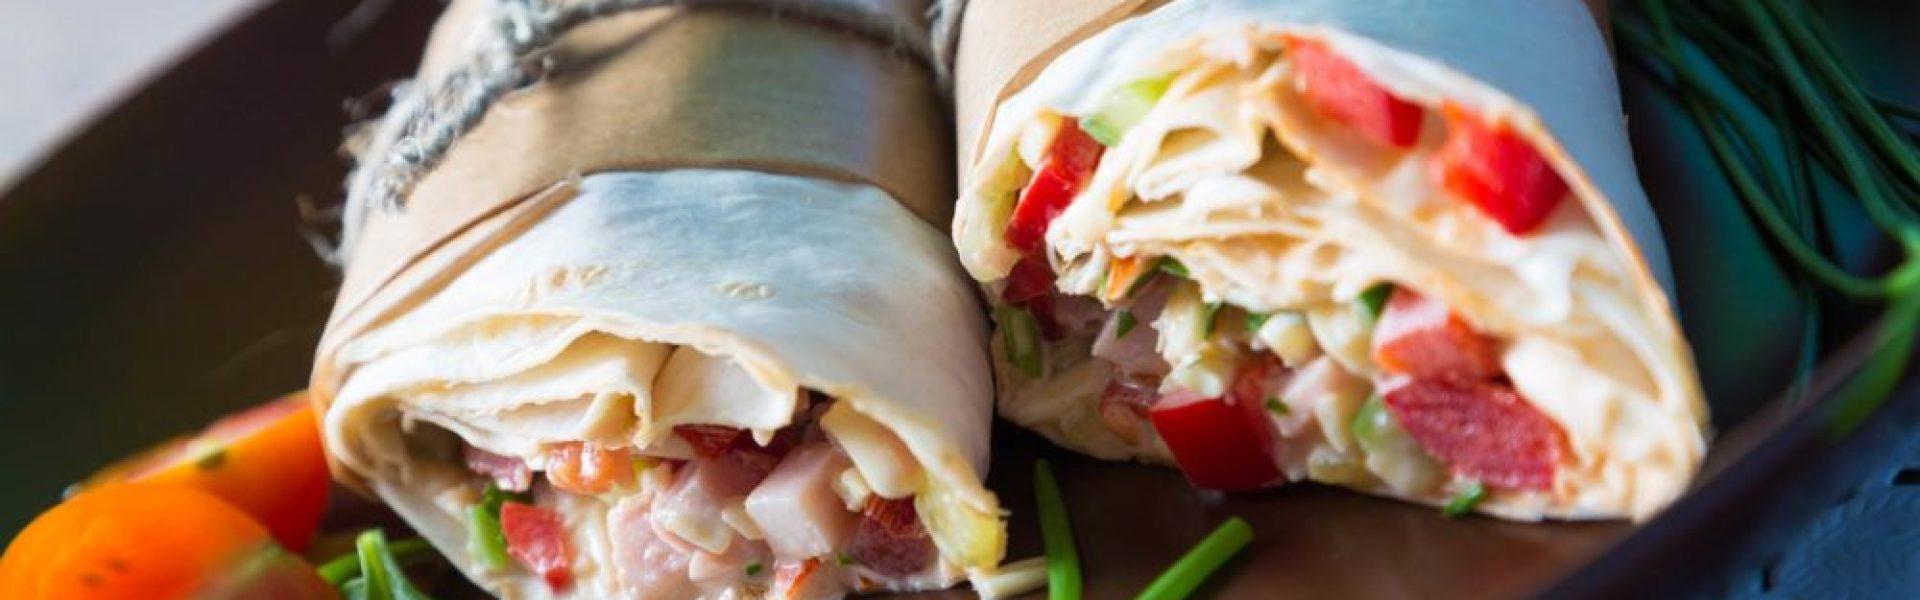 ascentra-burrito